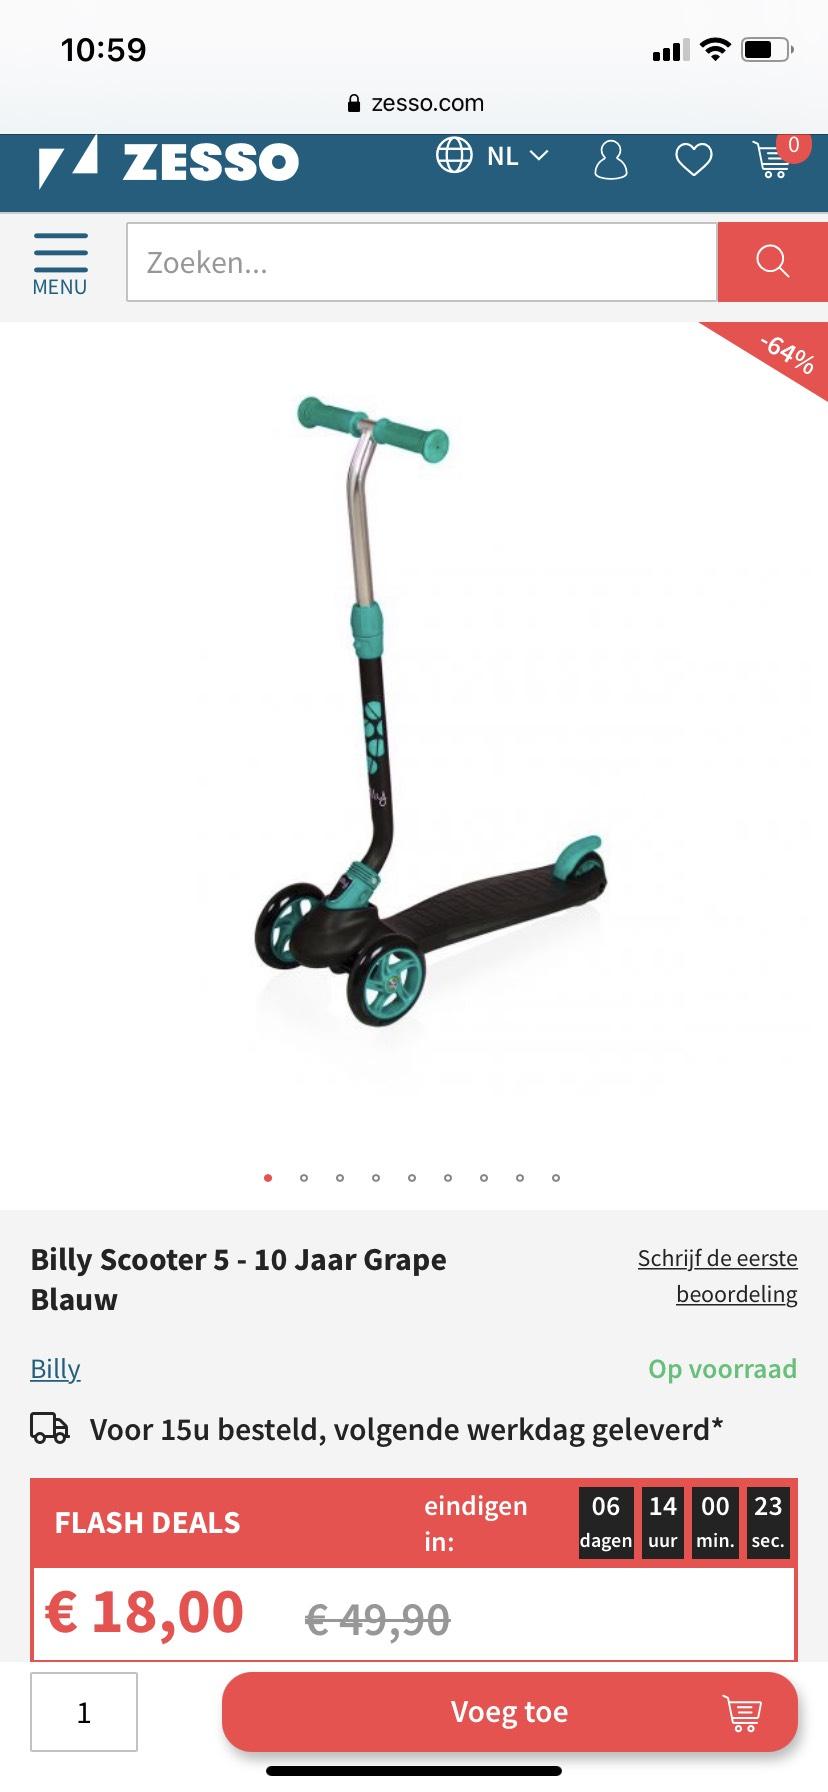 Billy scooter 5-10 jaar grape blauw